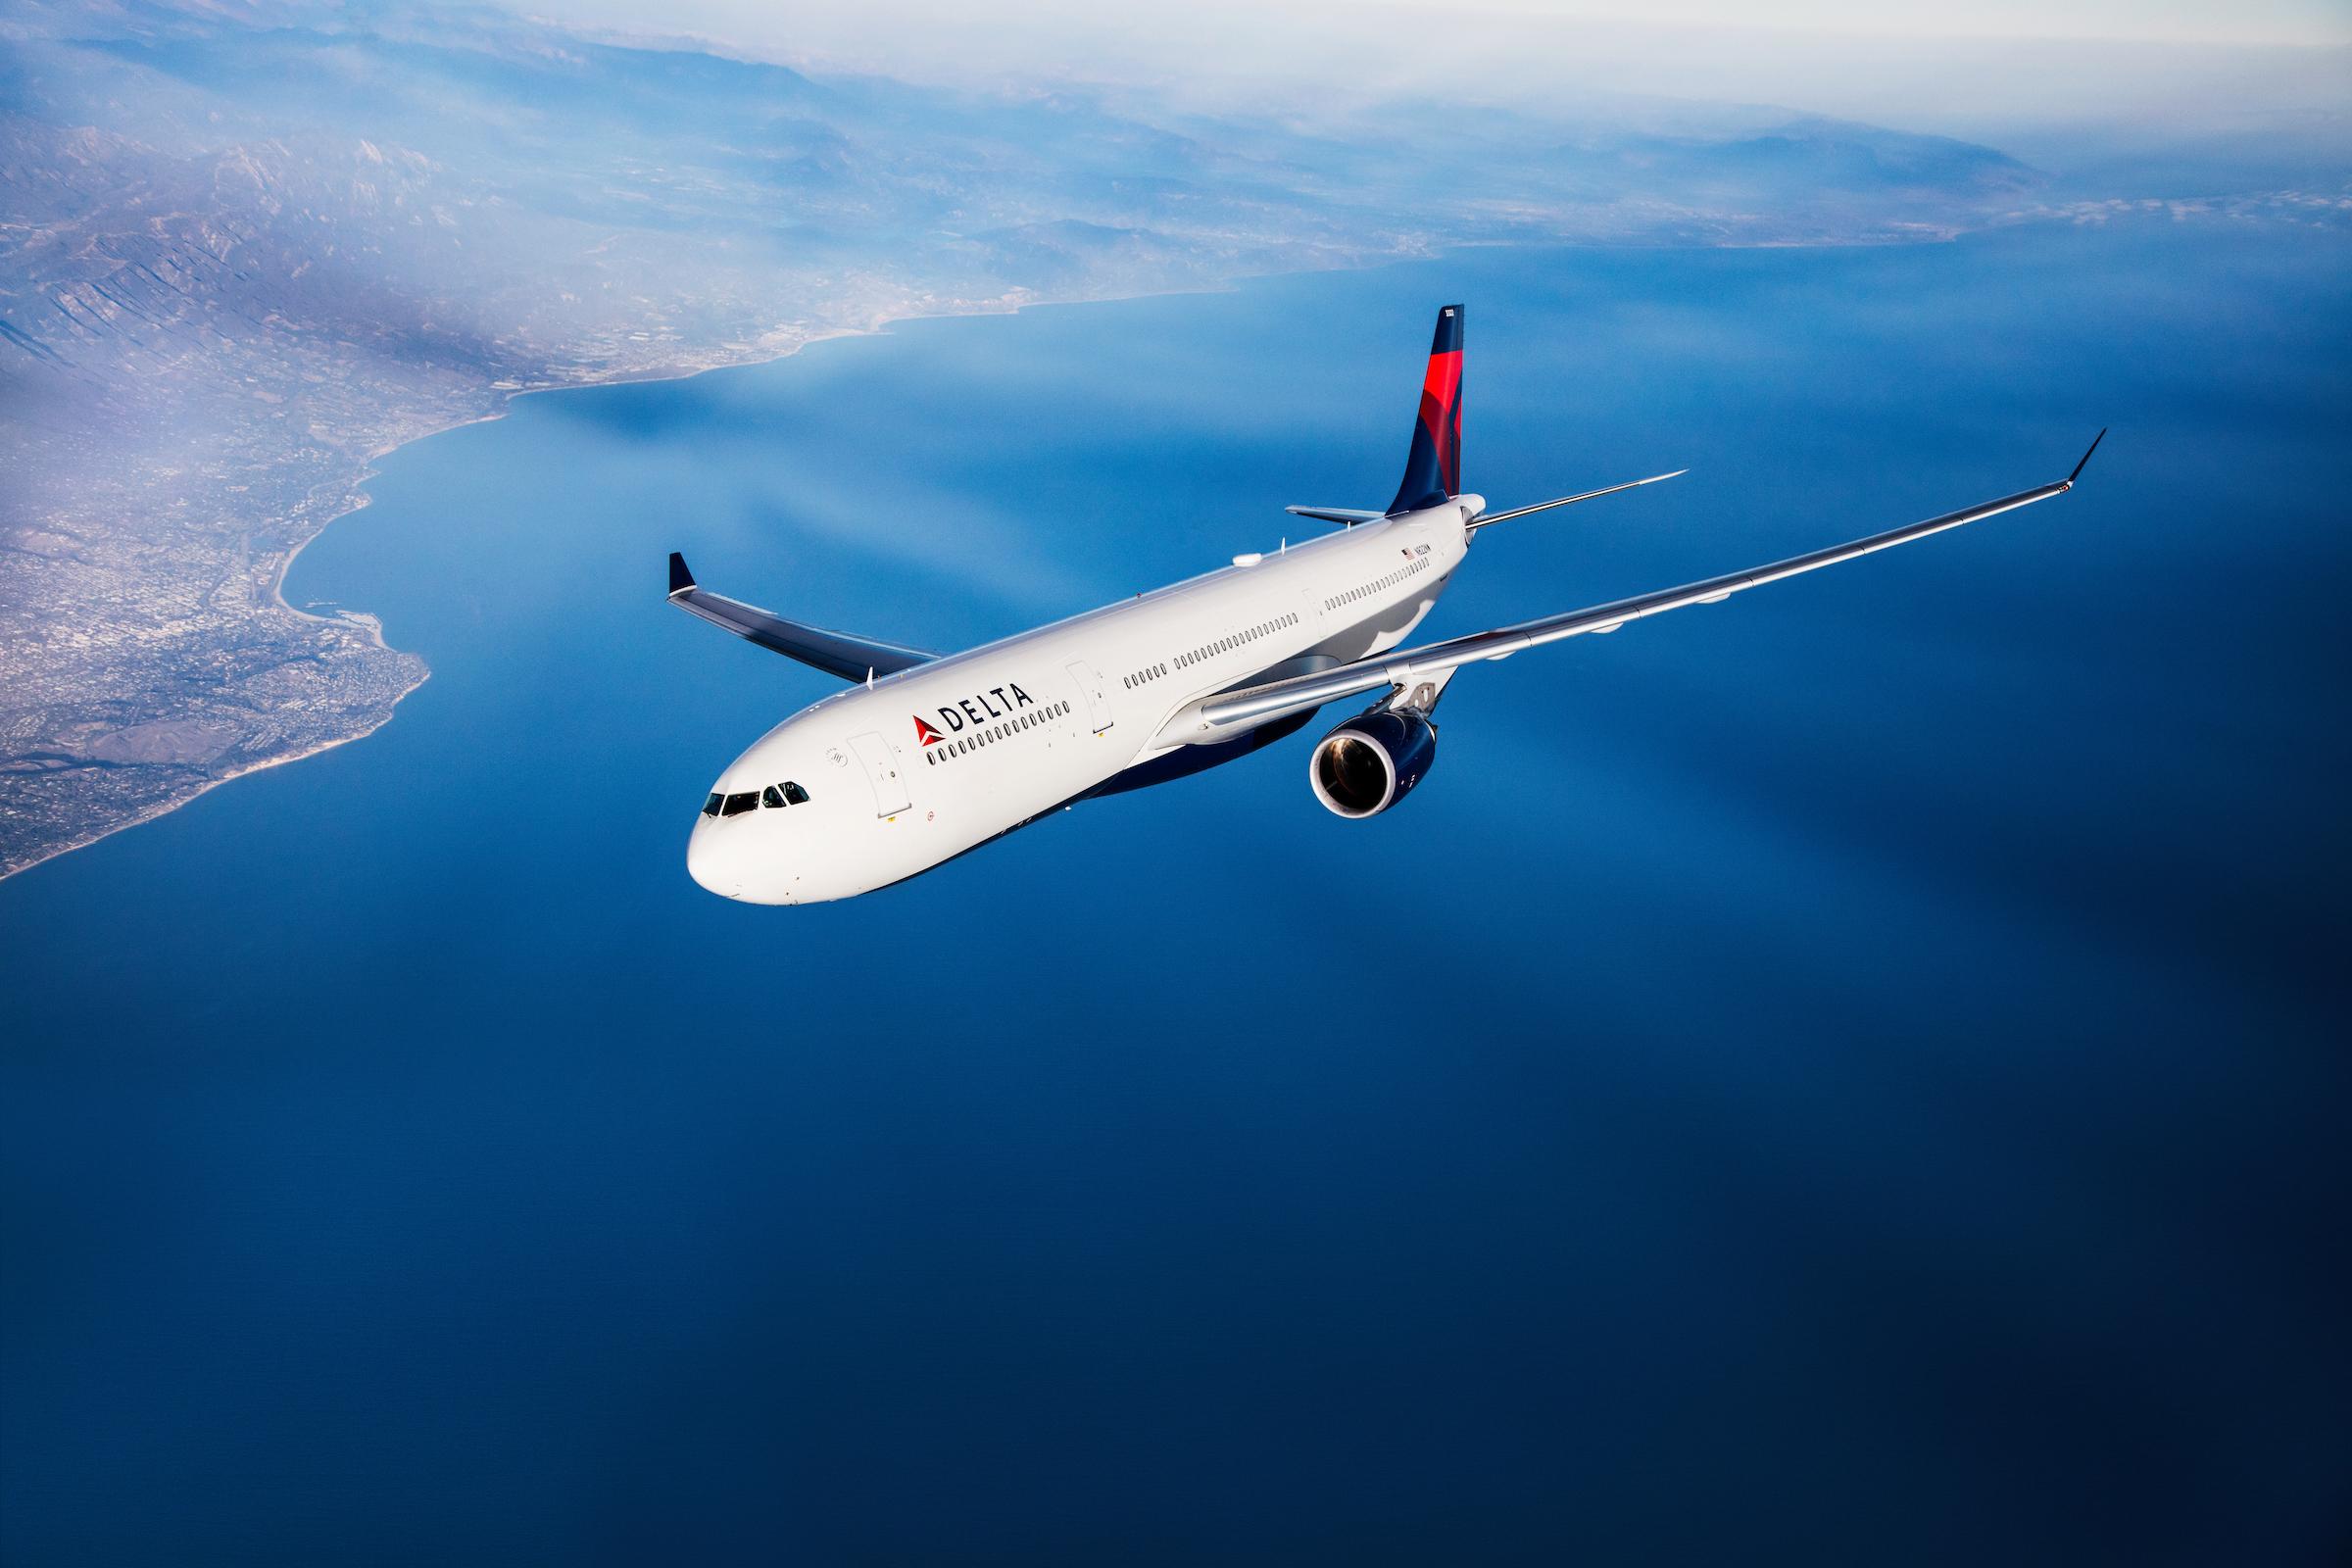 デルタ航空 名古屋―デトロイト便就航20周年記念 フロリダ ウォルト・ディズニー・ワールド・リゾートの魅力を体感できるパーティにご招待